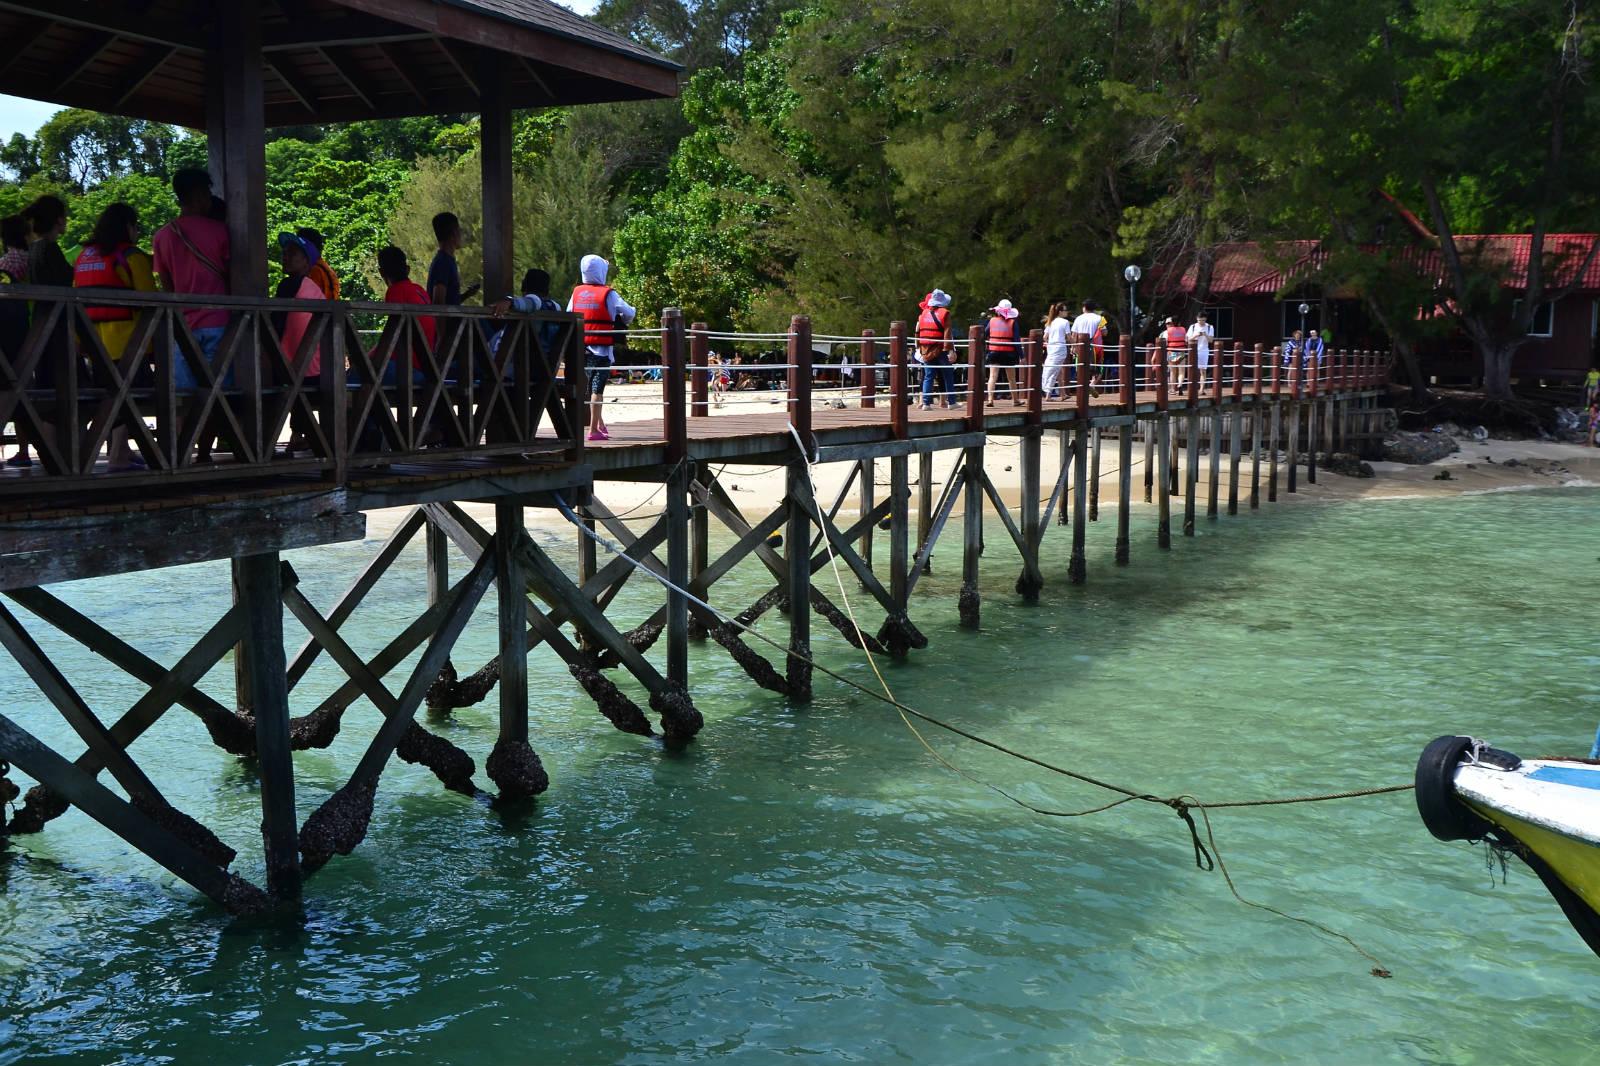 du lịch kota kinabalu - cầu cảng ở đảo sapi